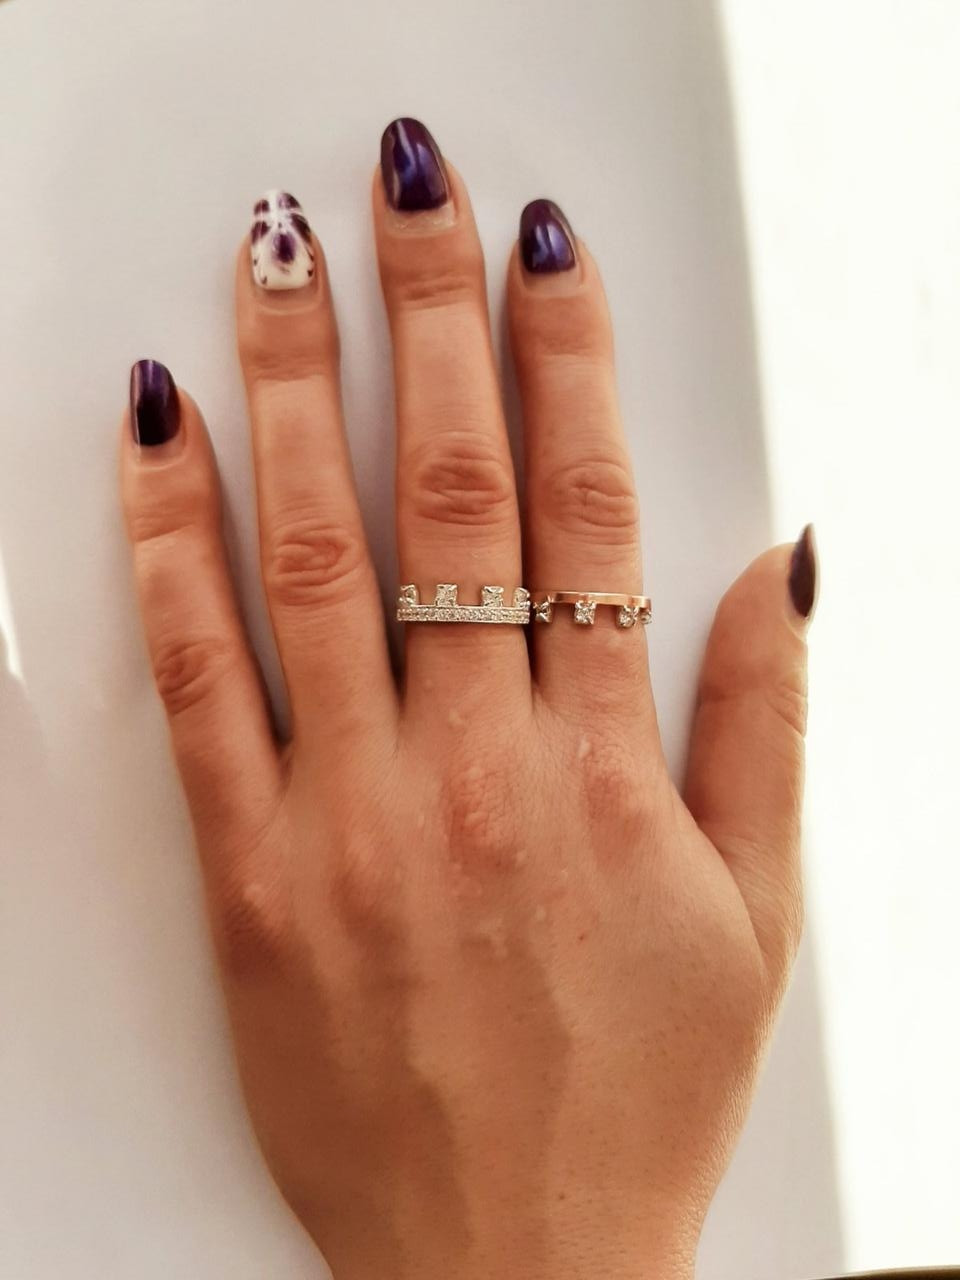 """Серебряные кольца с золотыми пластинами """"Дуэт"""""""